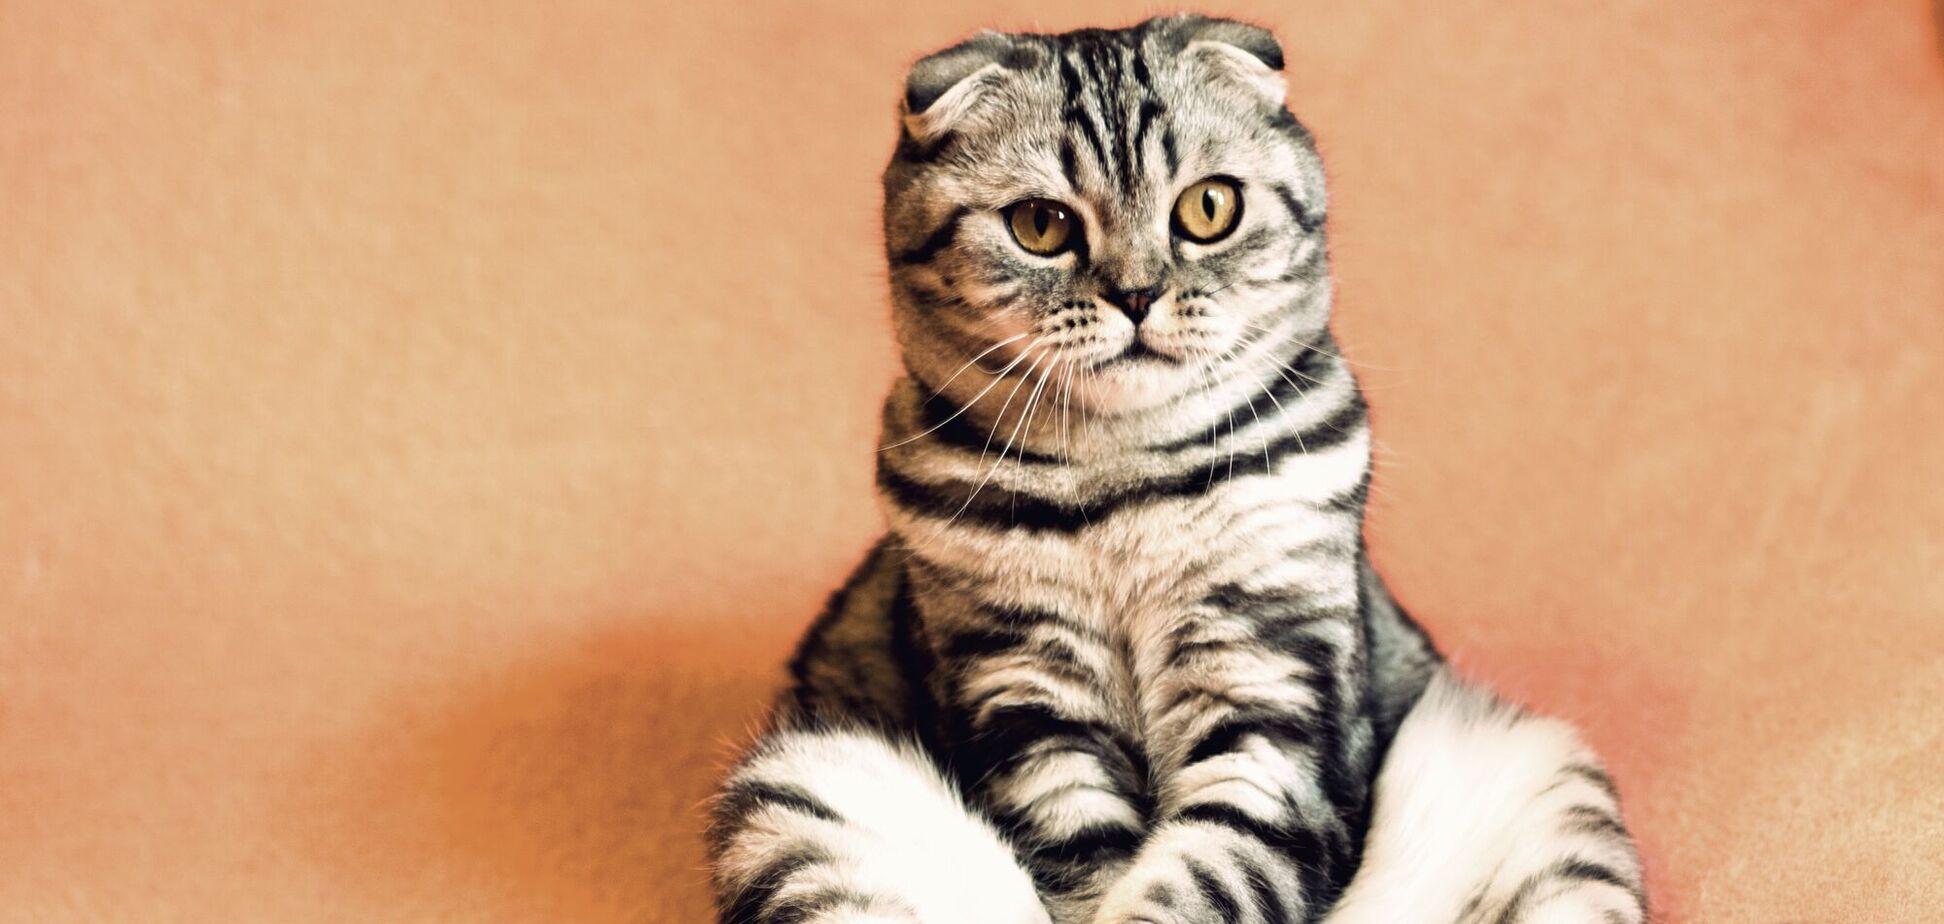 Всемирный день кошек отмечается с 2002 года